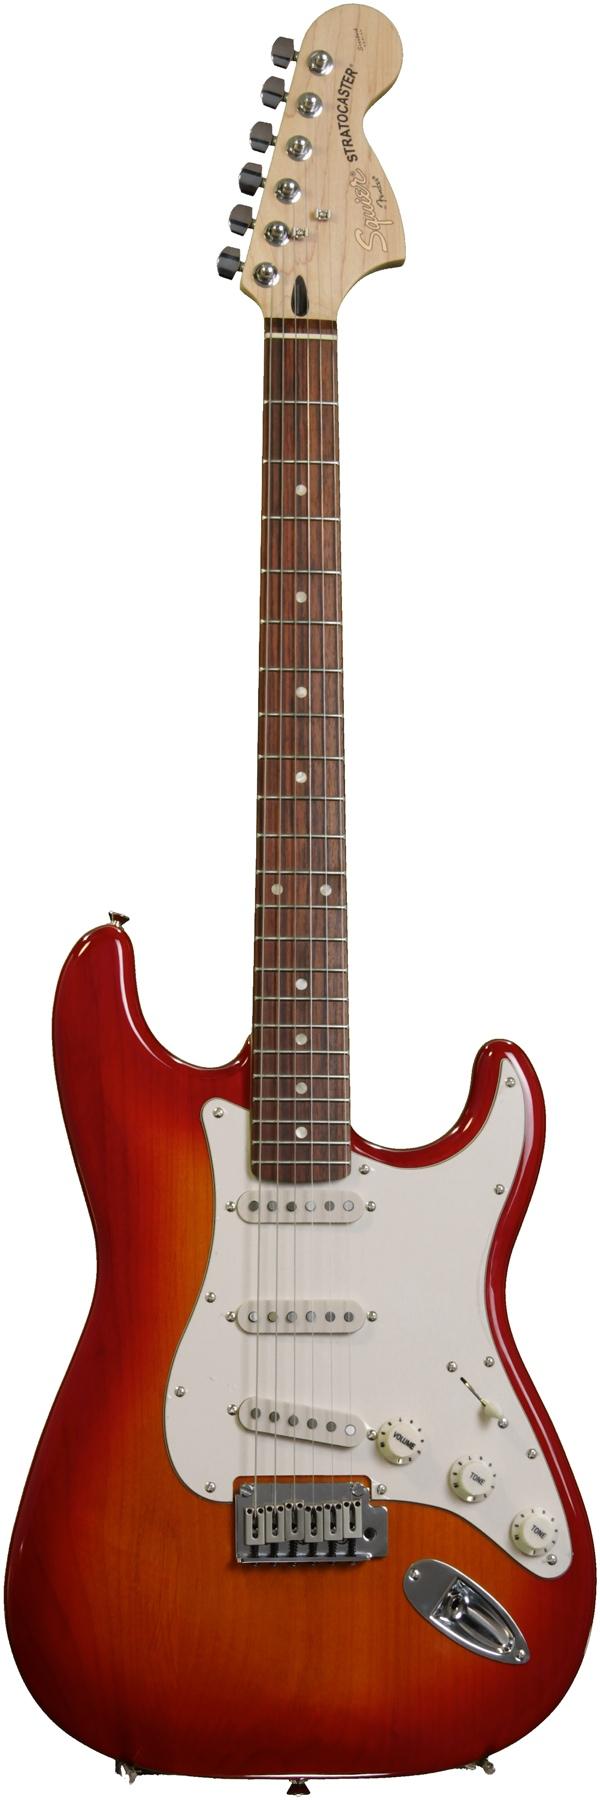 Đàn Guitar Squier Standard Stratocaster, Cherry Sunburst